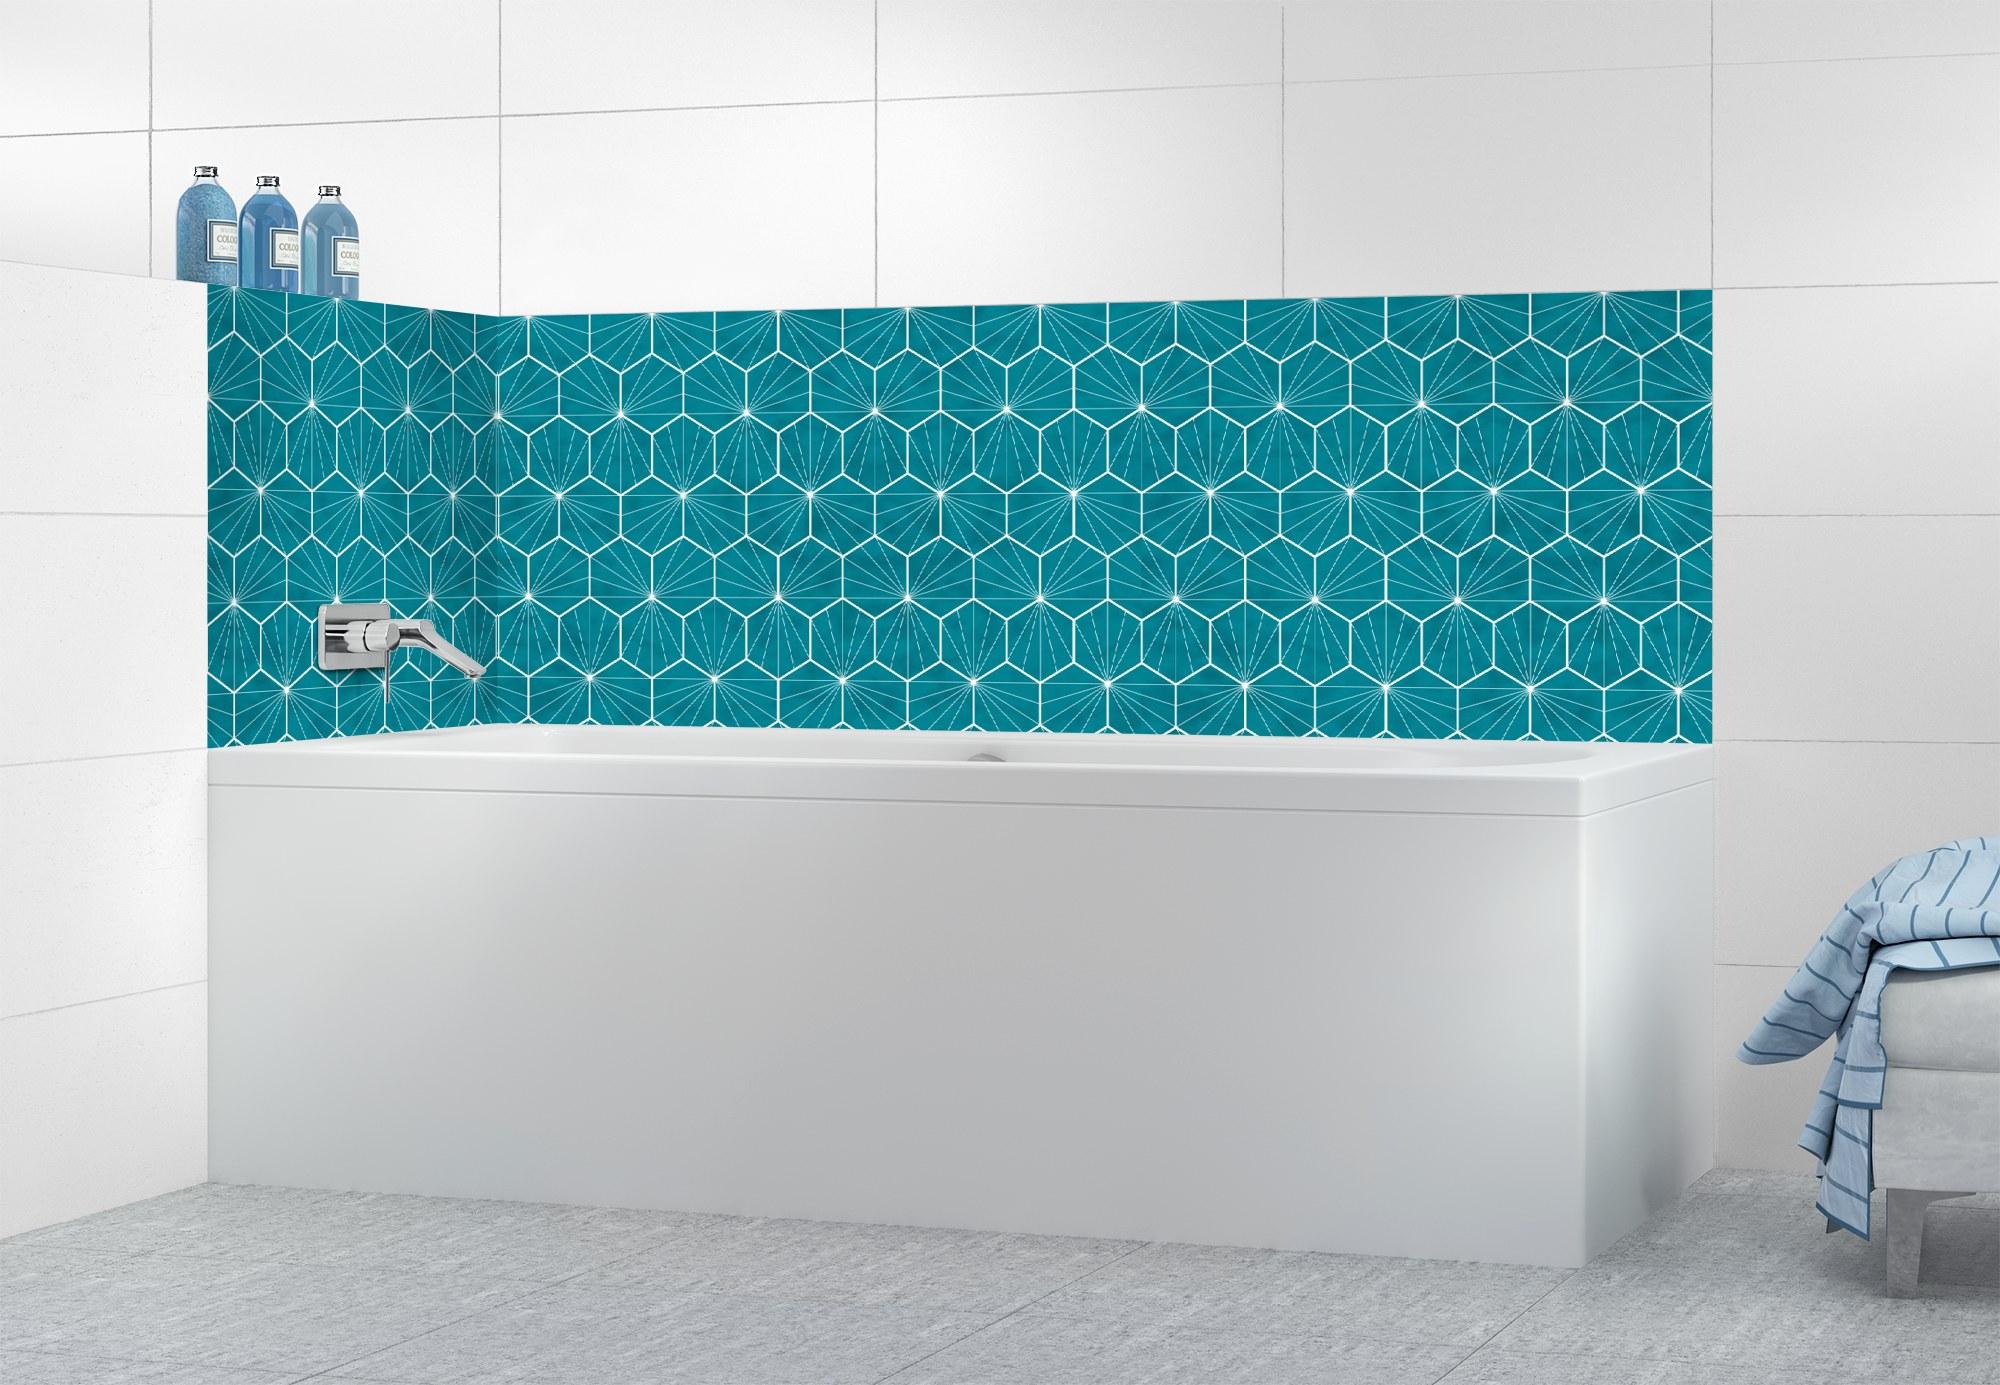 Carrelage Salle De Bain Bleu Turquoise couleur] du bleu dans la salle de bain | cocon - déco & vie